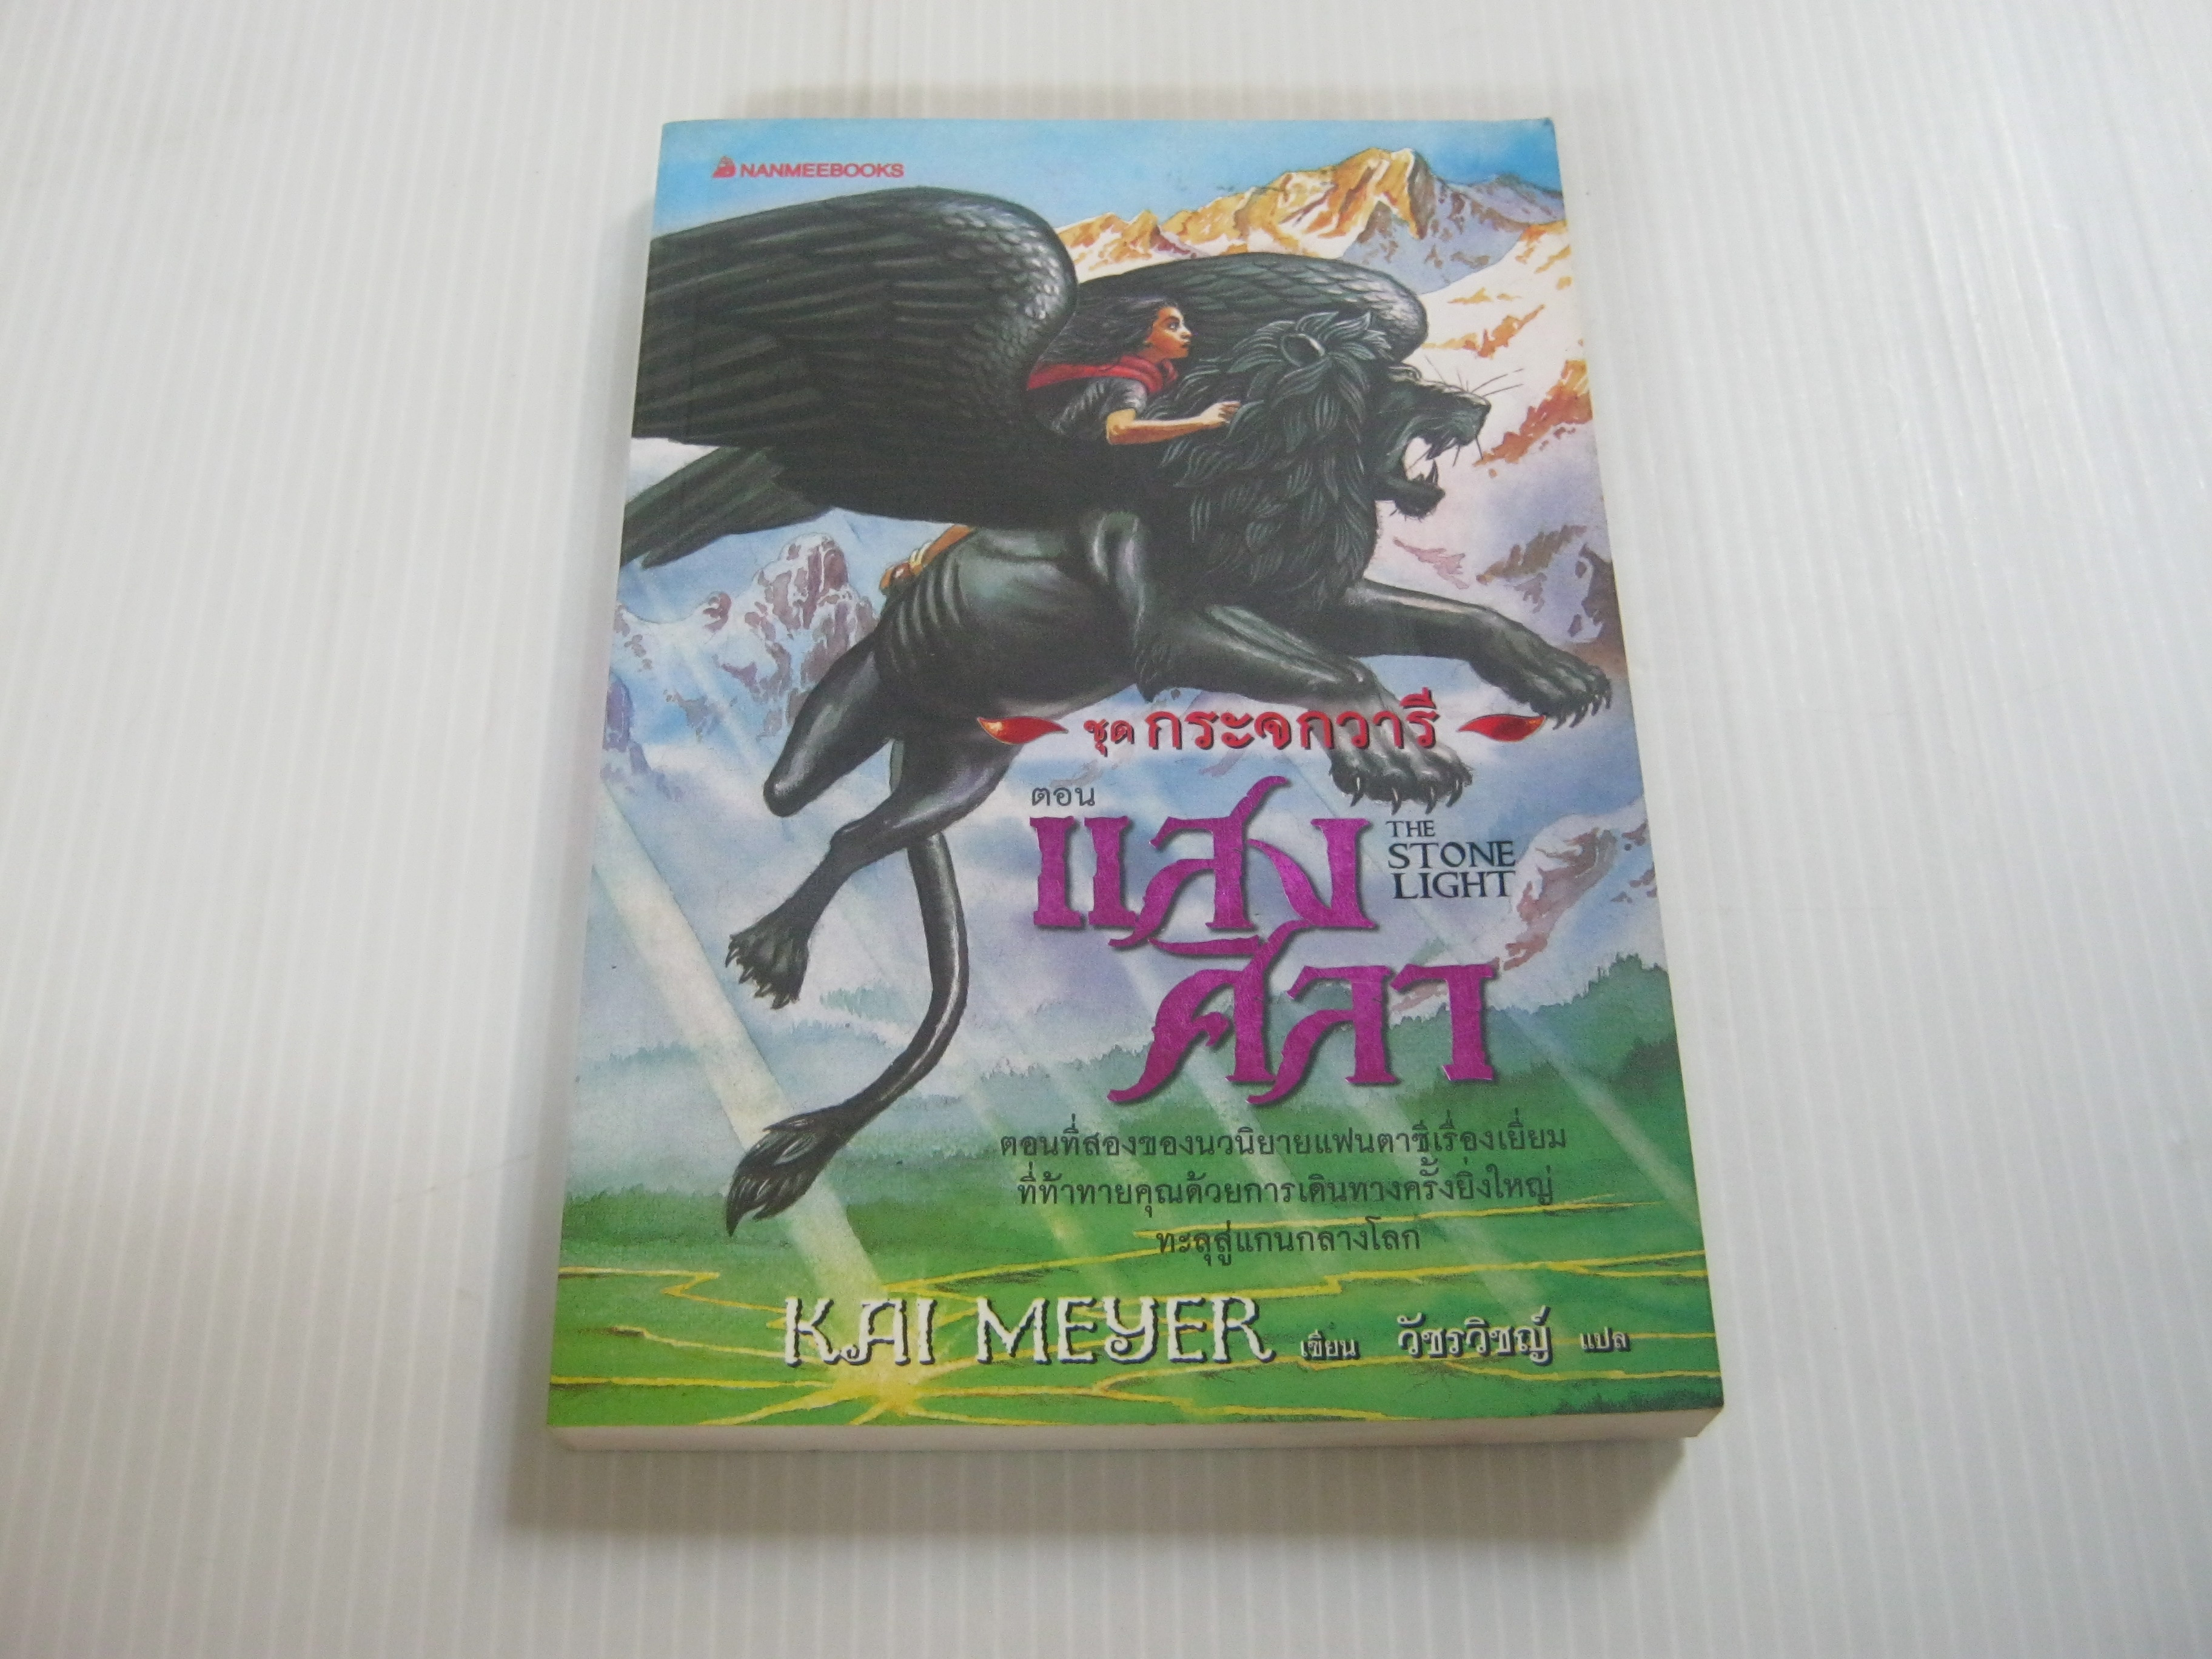 หนังสือชุดกระจกวารี เล่ม 2 ตอน แสงศิลา (The Stone Light) Kai Meyer เขียน วัชรวิชญ์ แปล